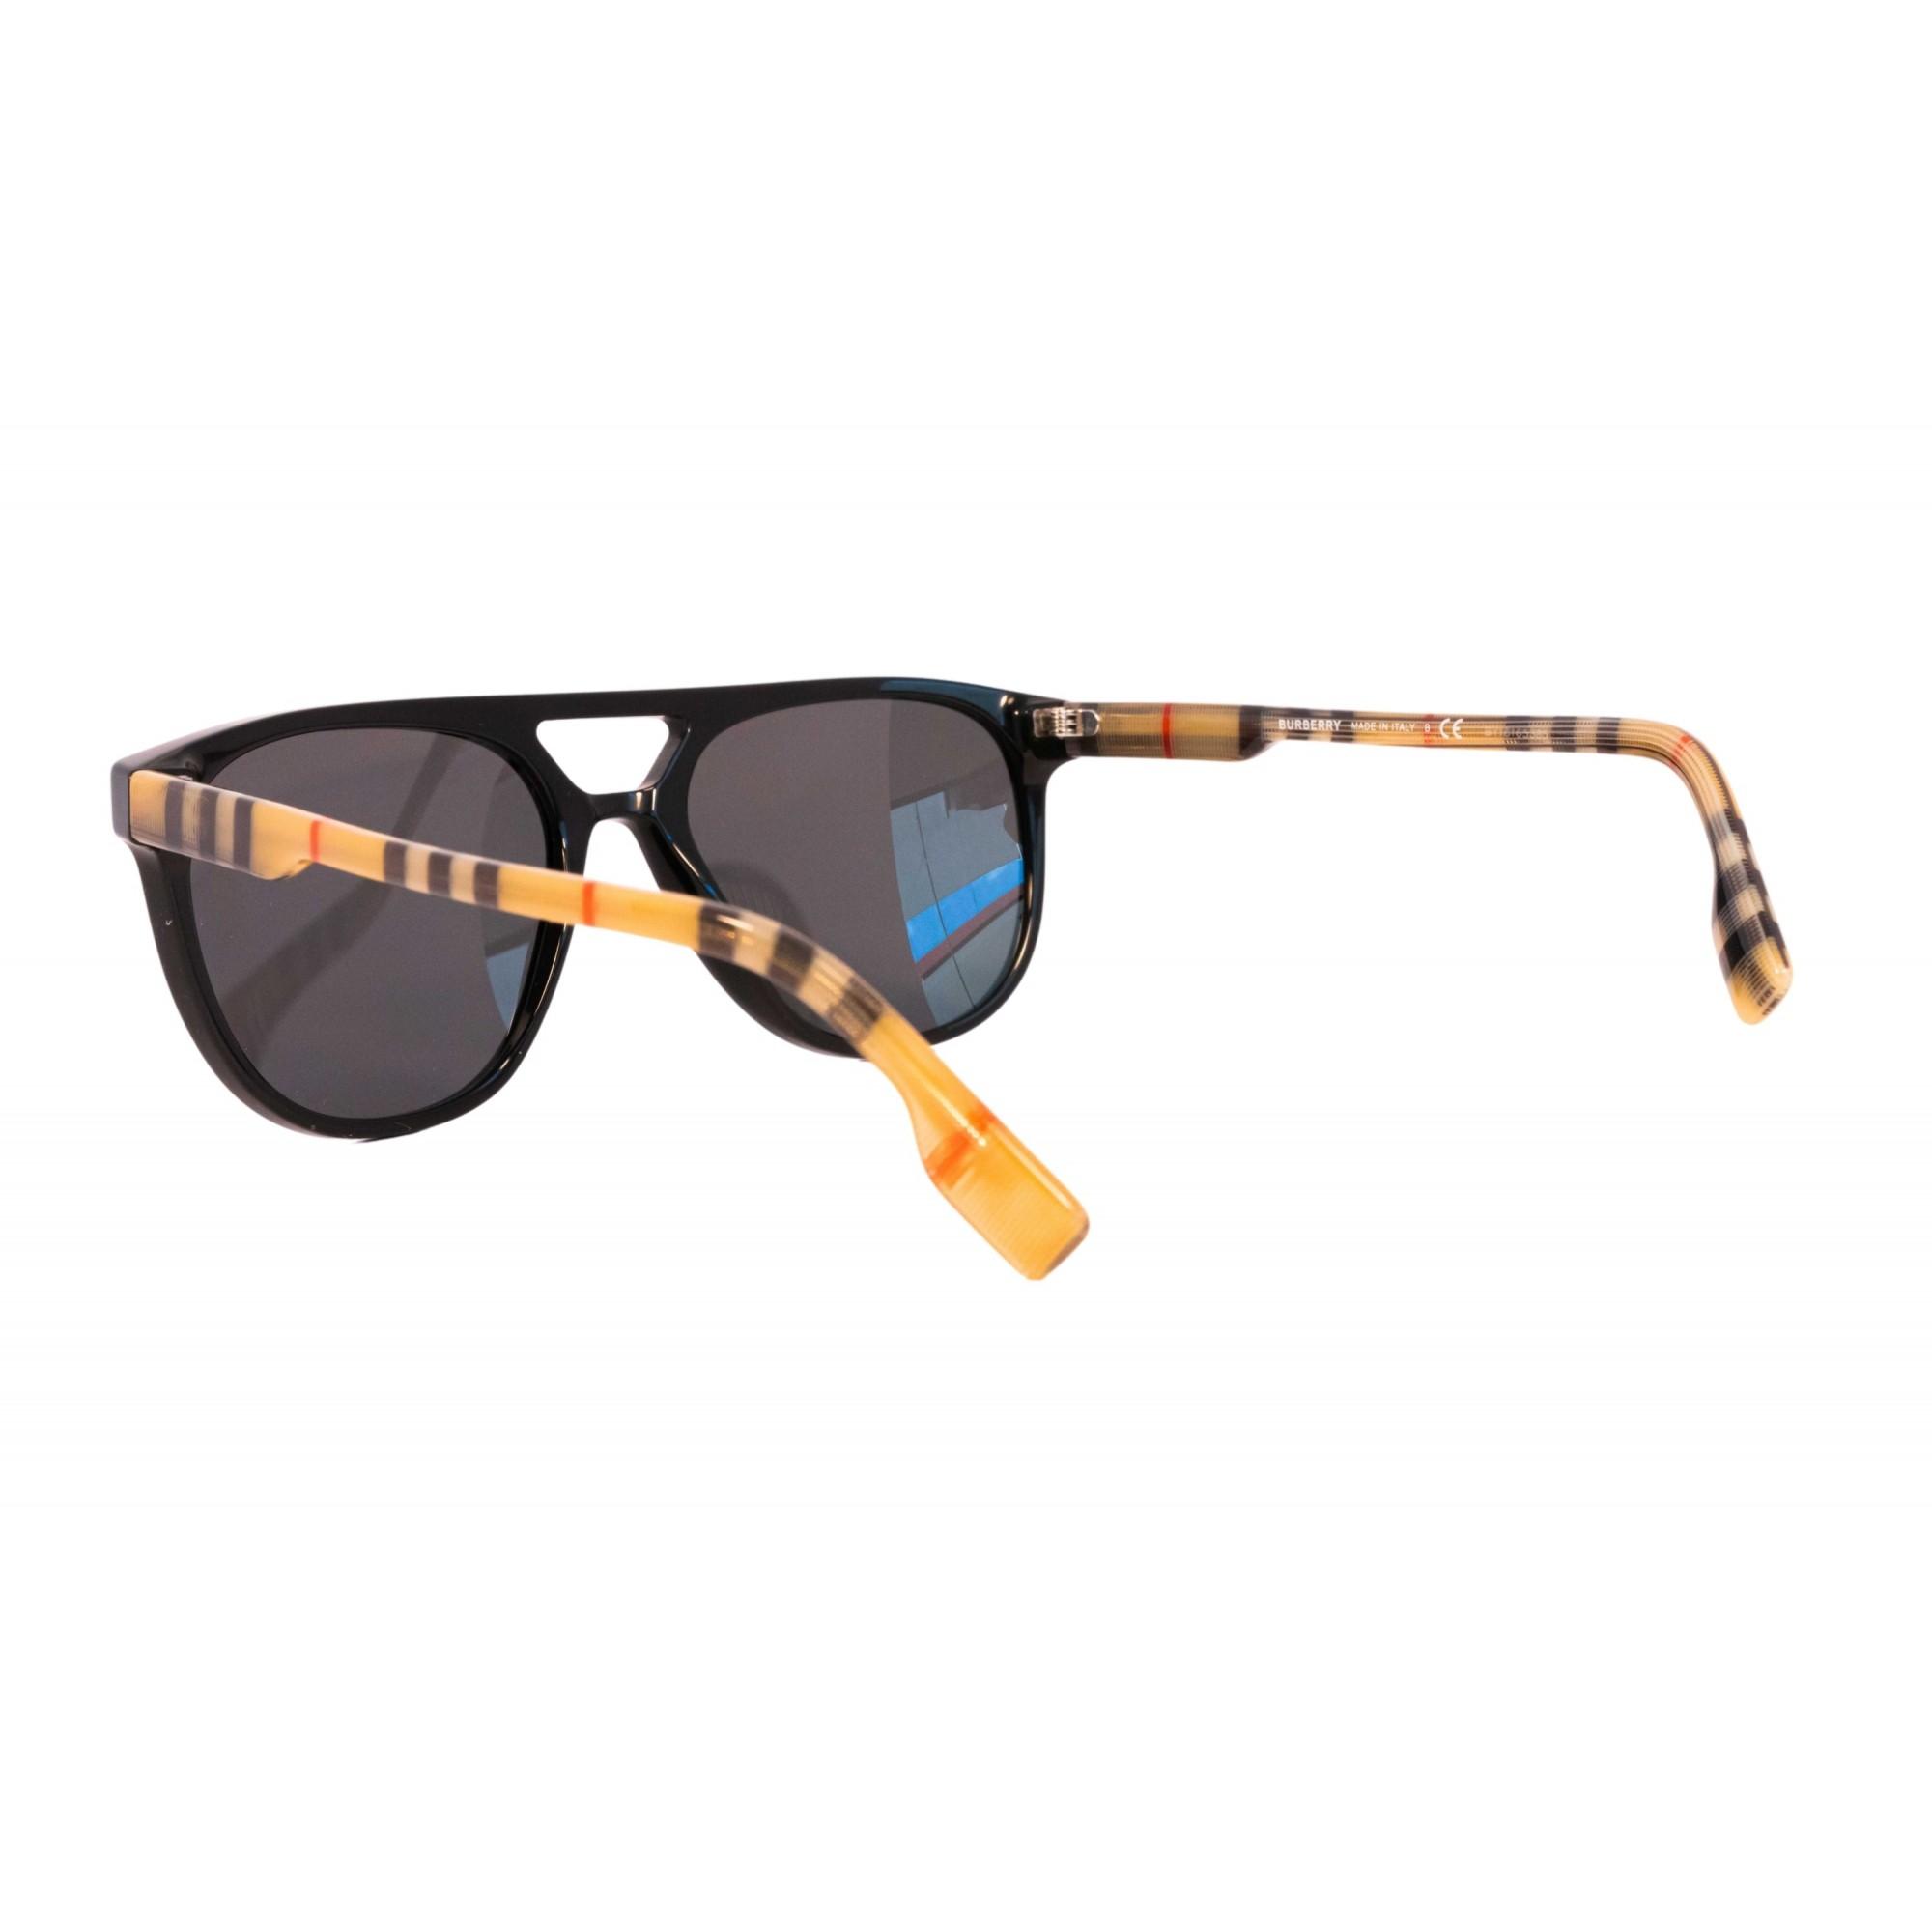 Óculos Burberry Aviador be4302 300187 56 Preto